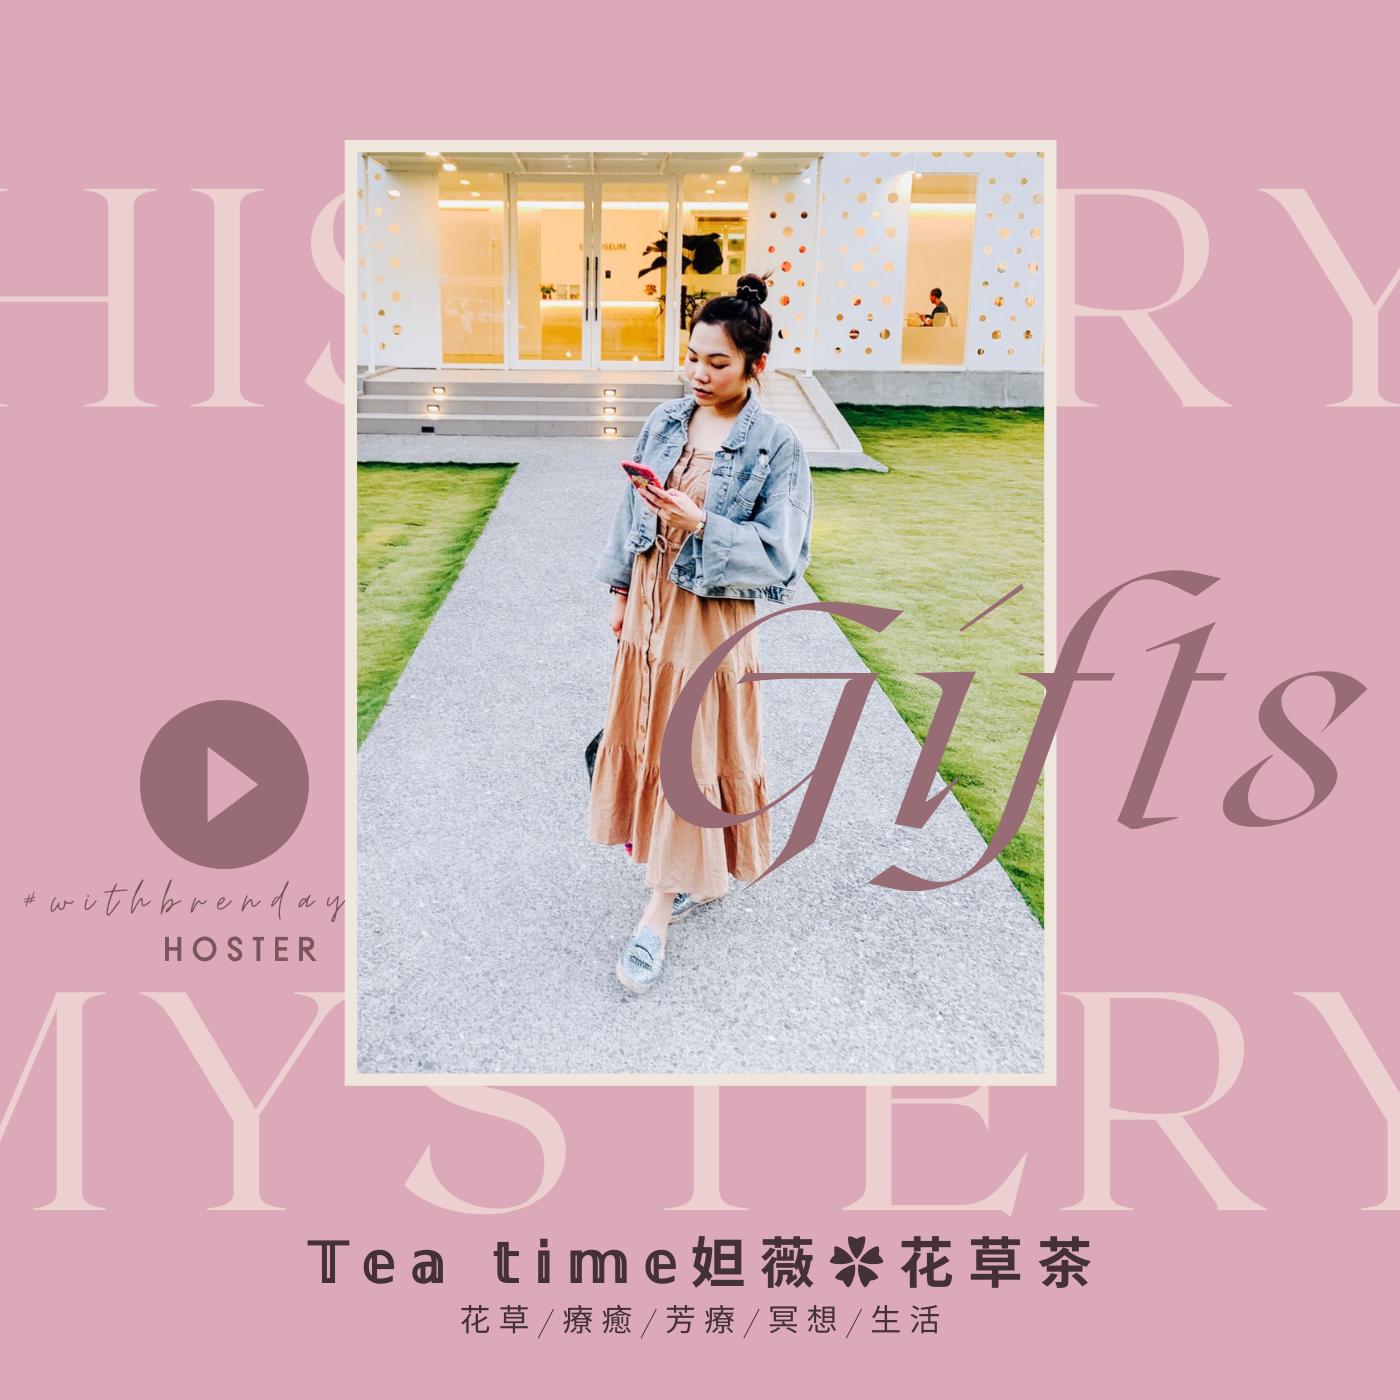 妲薇✿花草茶